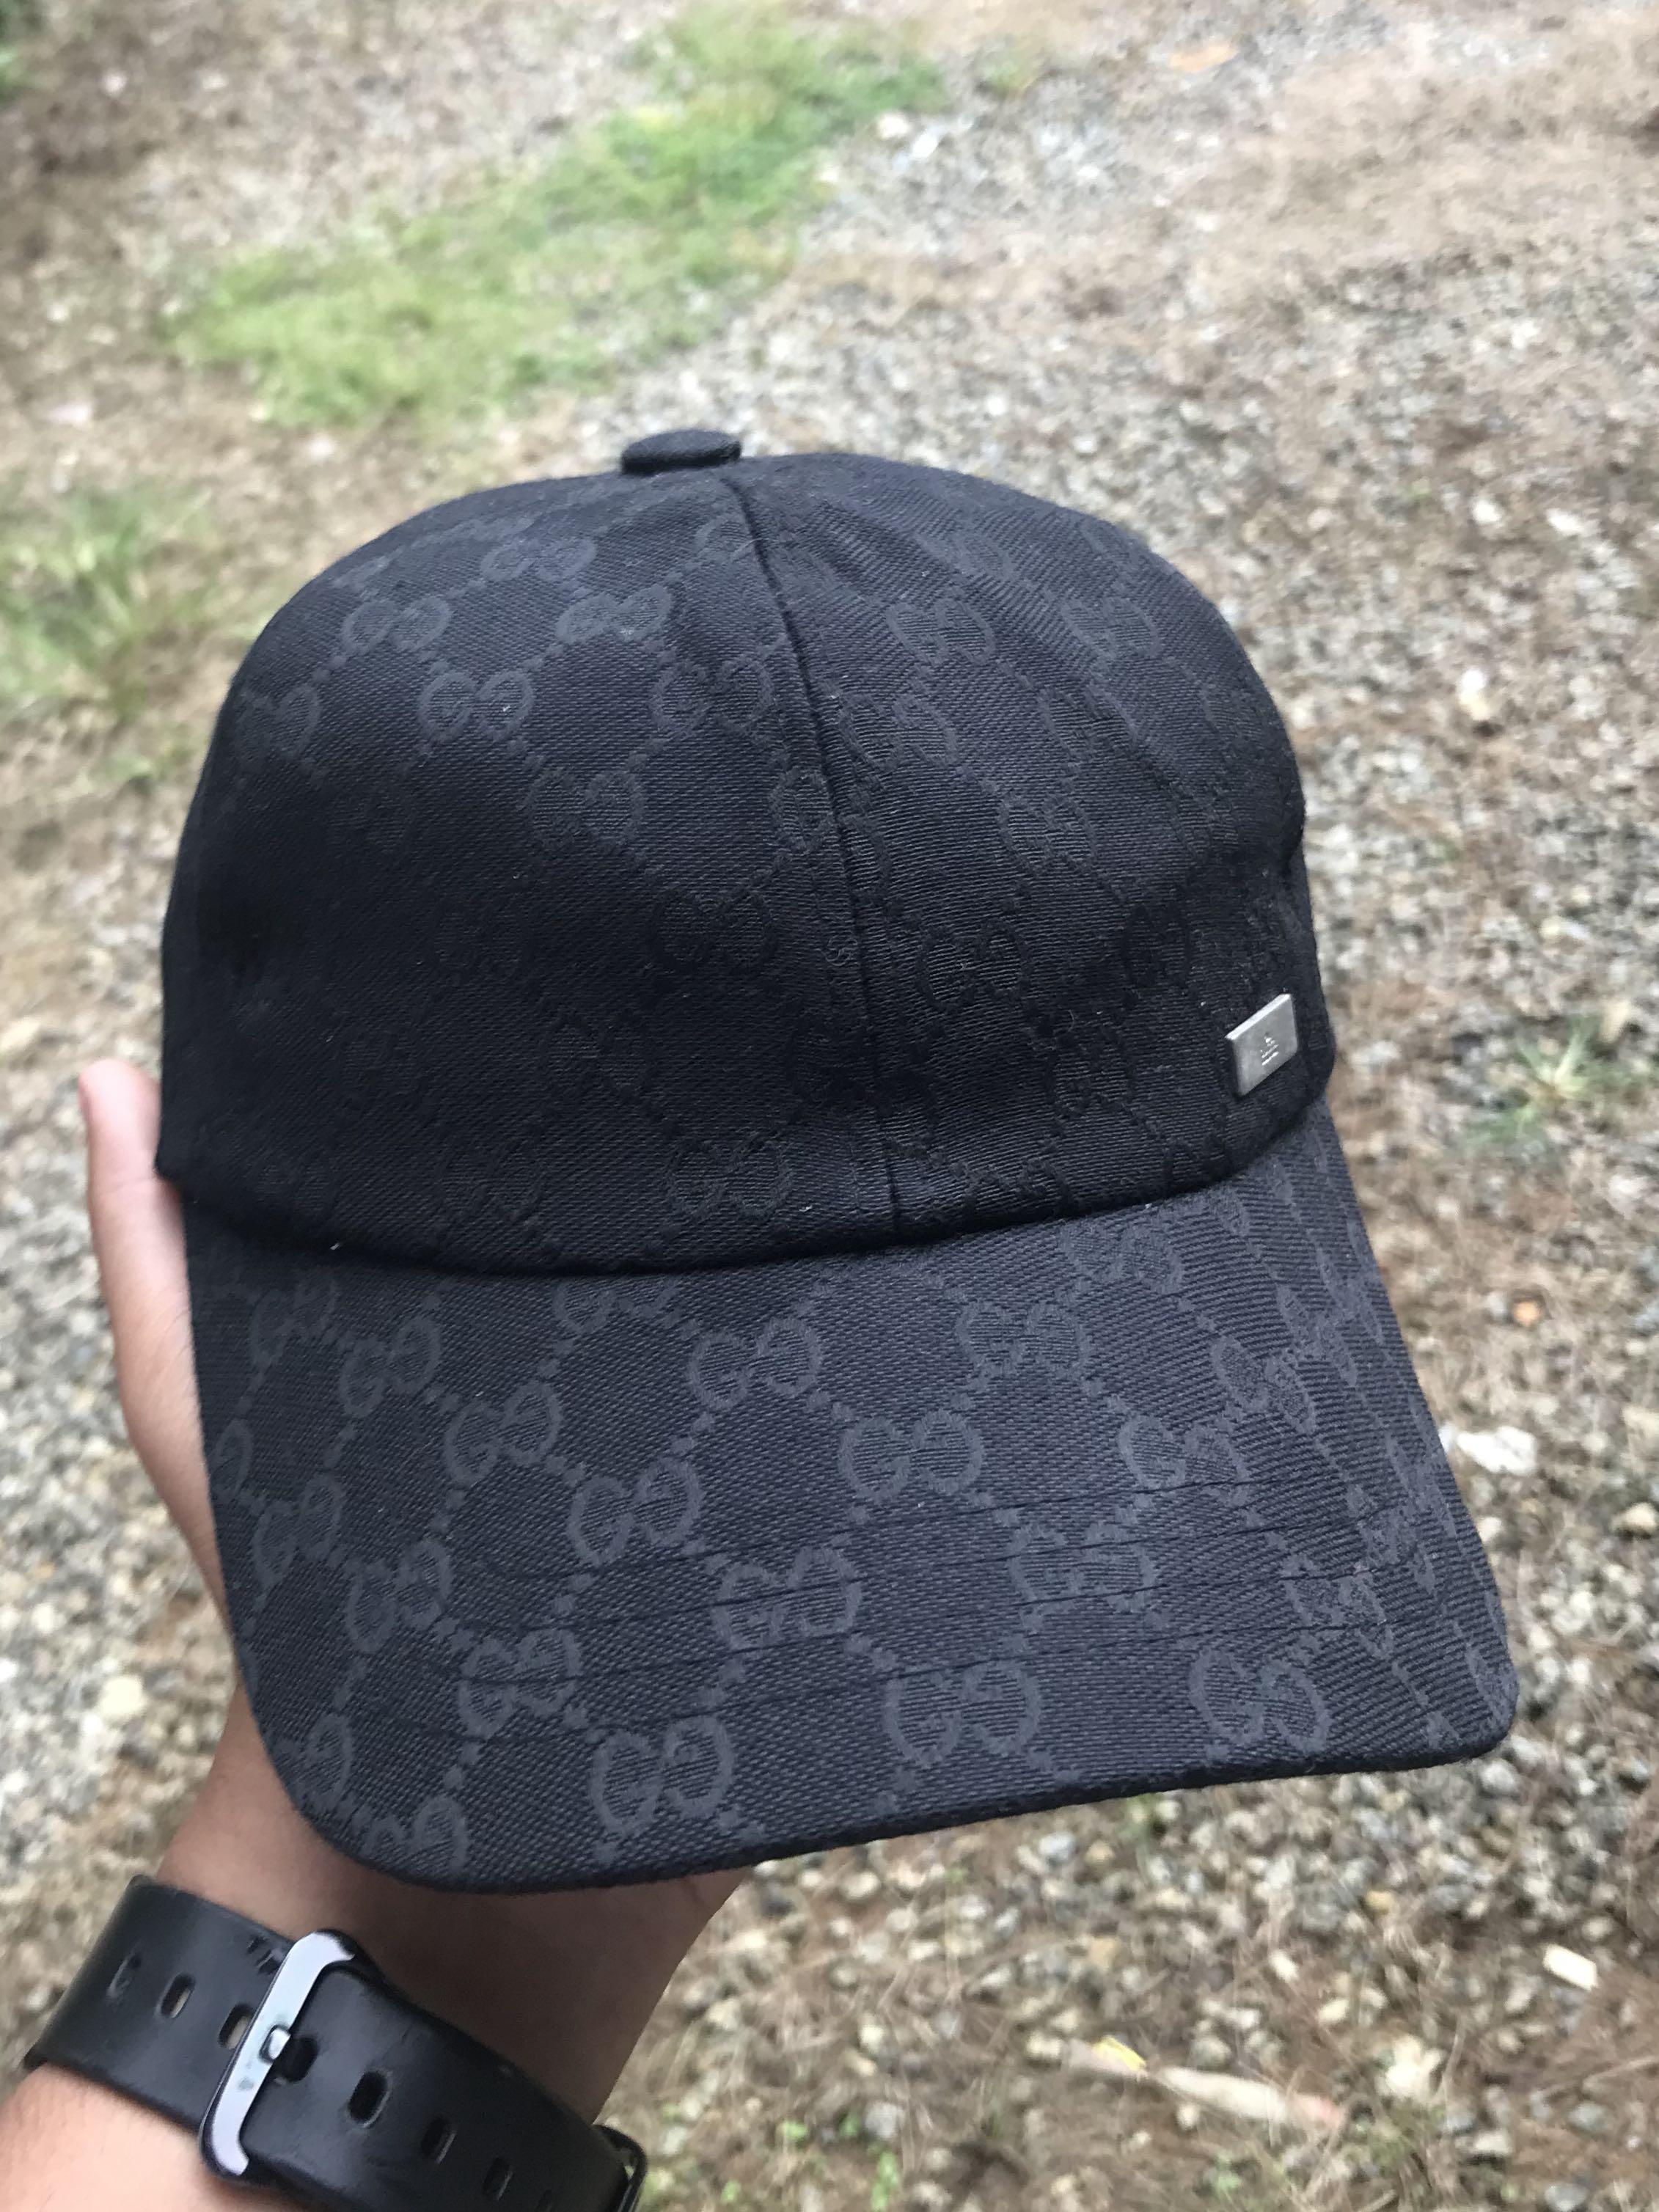 c6399d0e675 Home · Men s Fashion · Accessories · Caps   Hats. photo photo ...